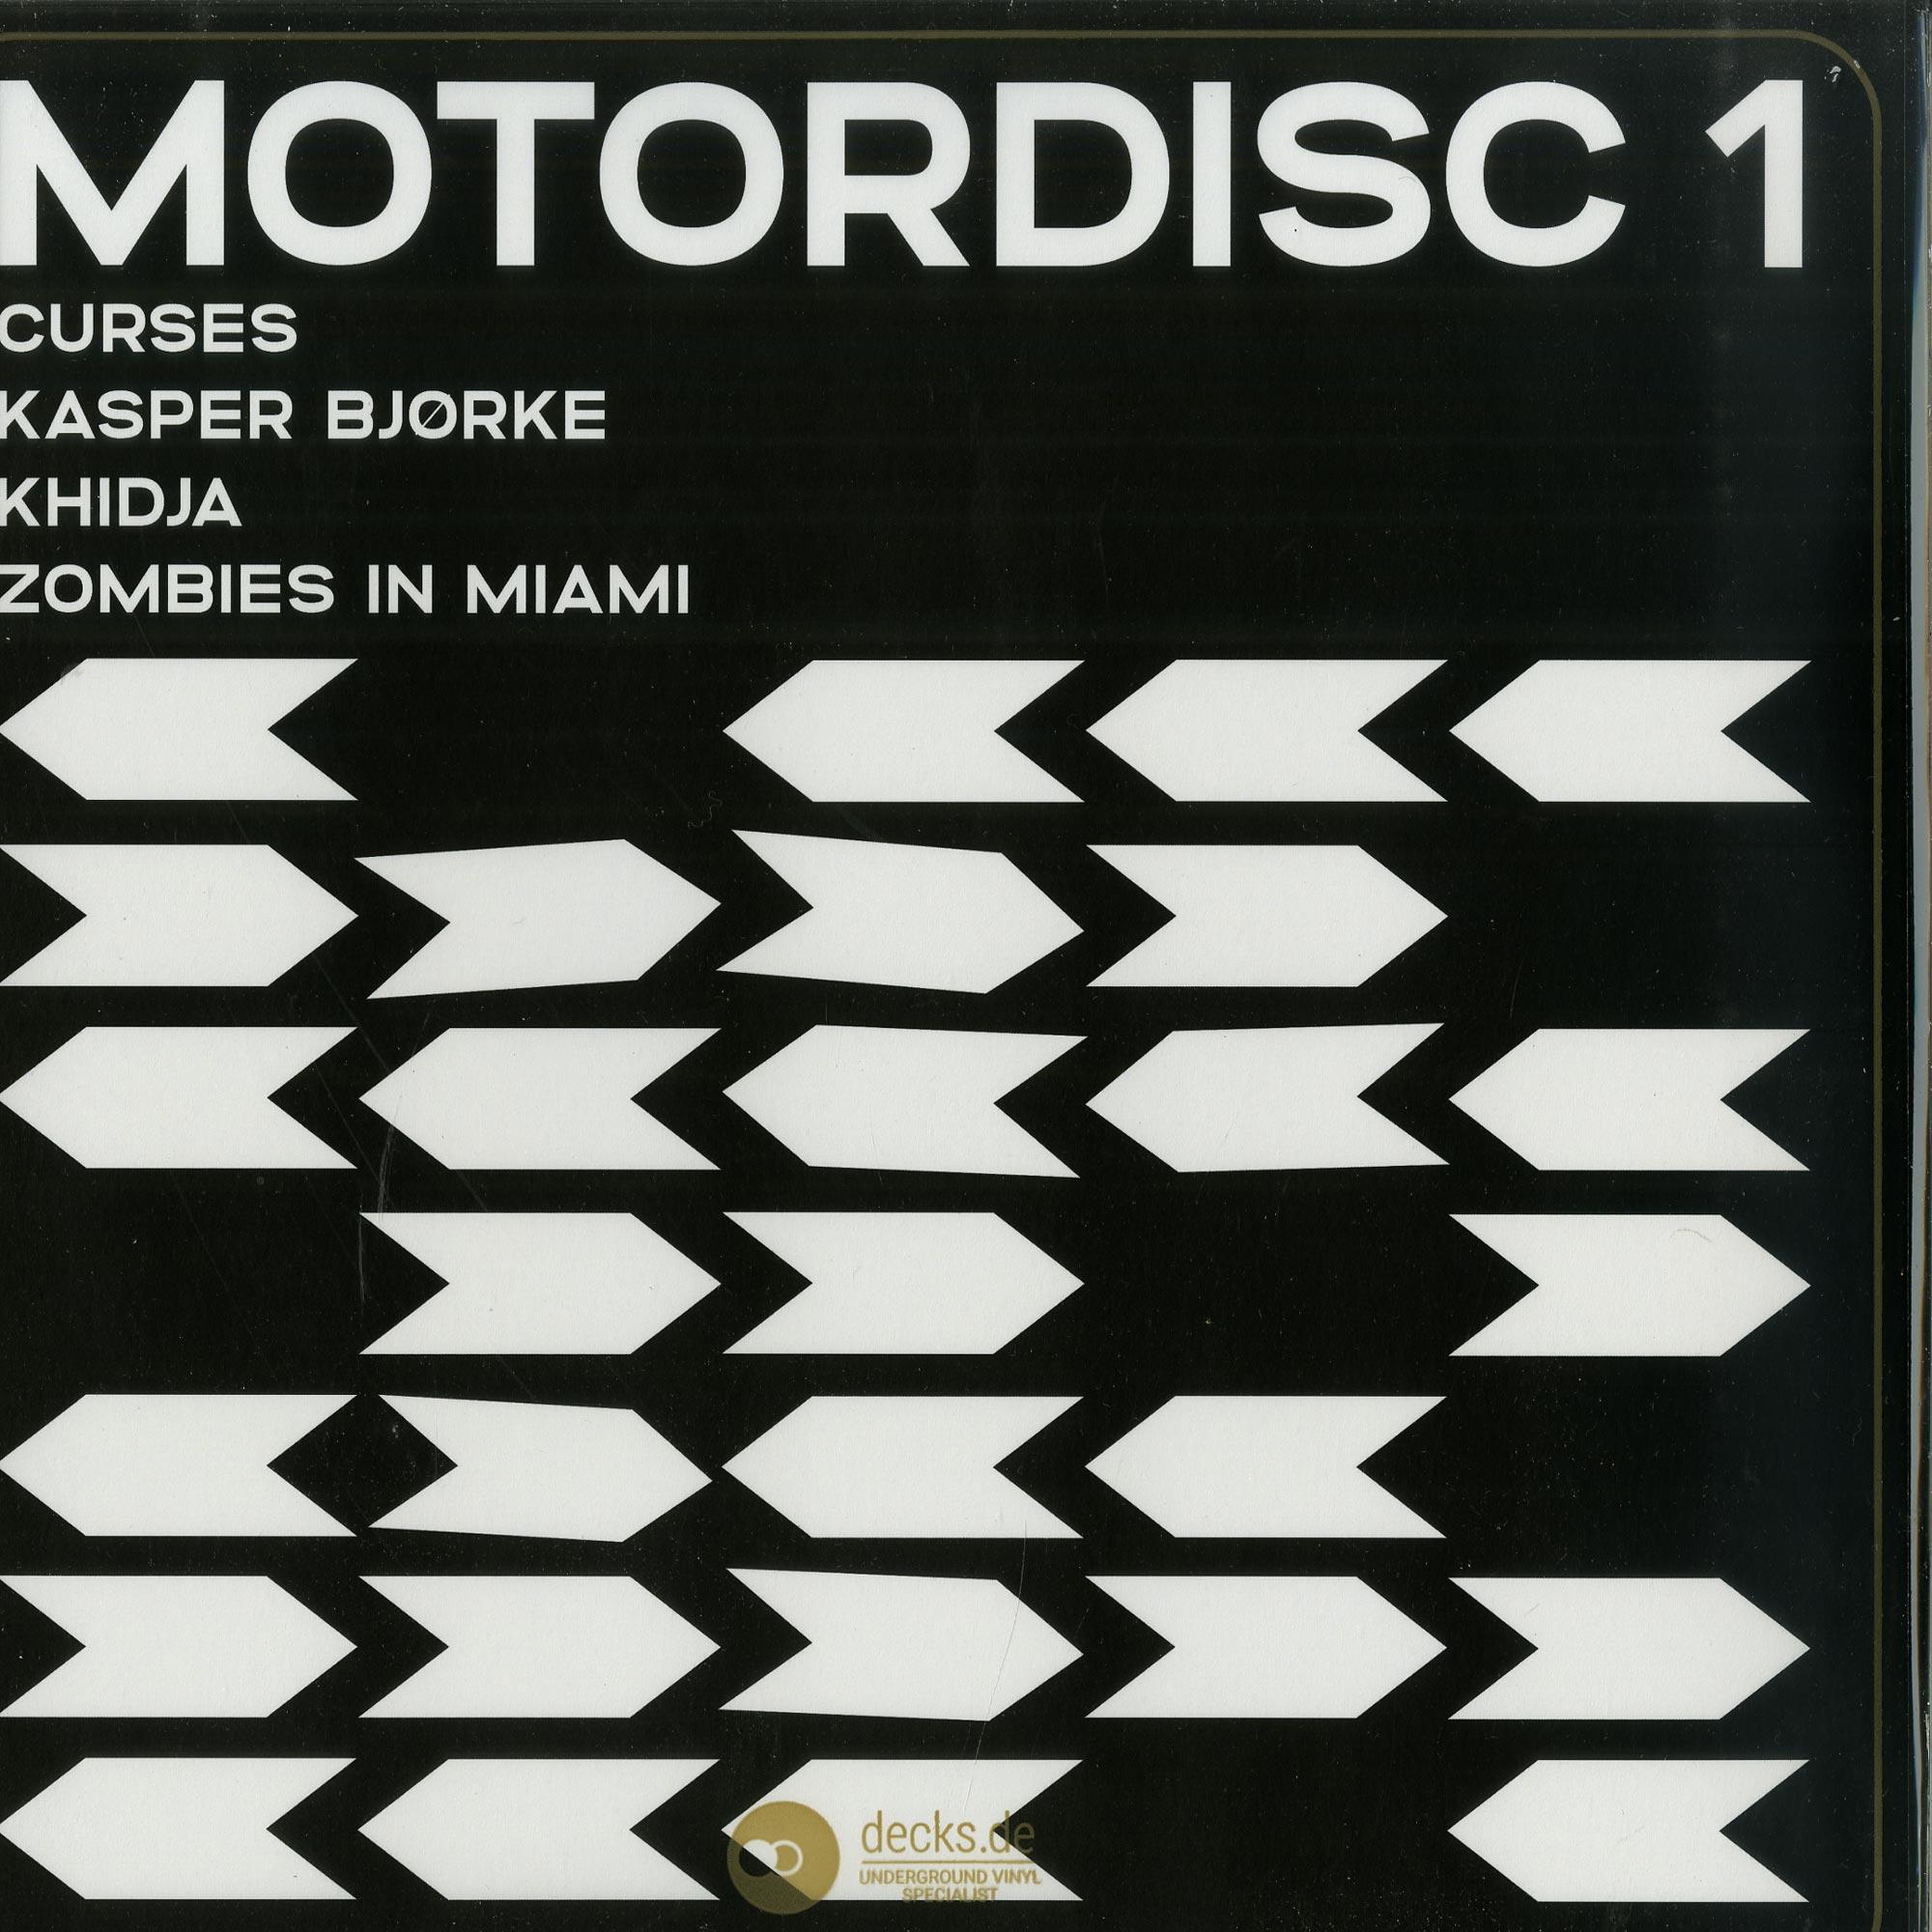 Kasper Bjorke / Curses / Khidja / Zombies in Miami - MOTORDISC 1